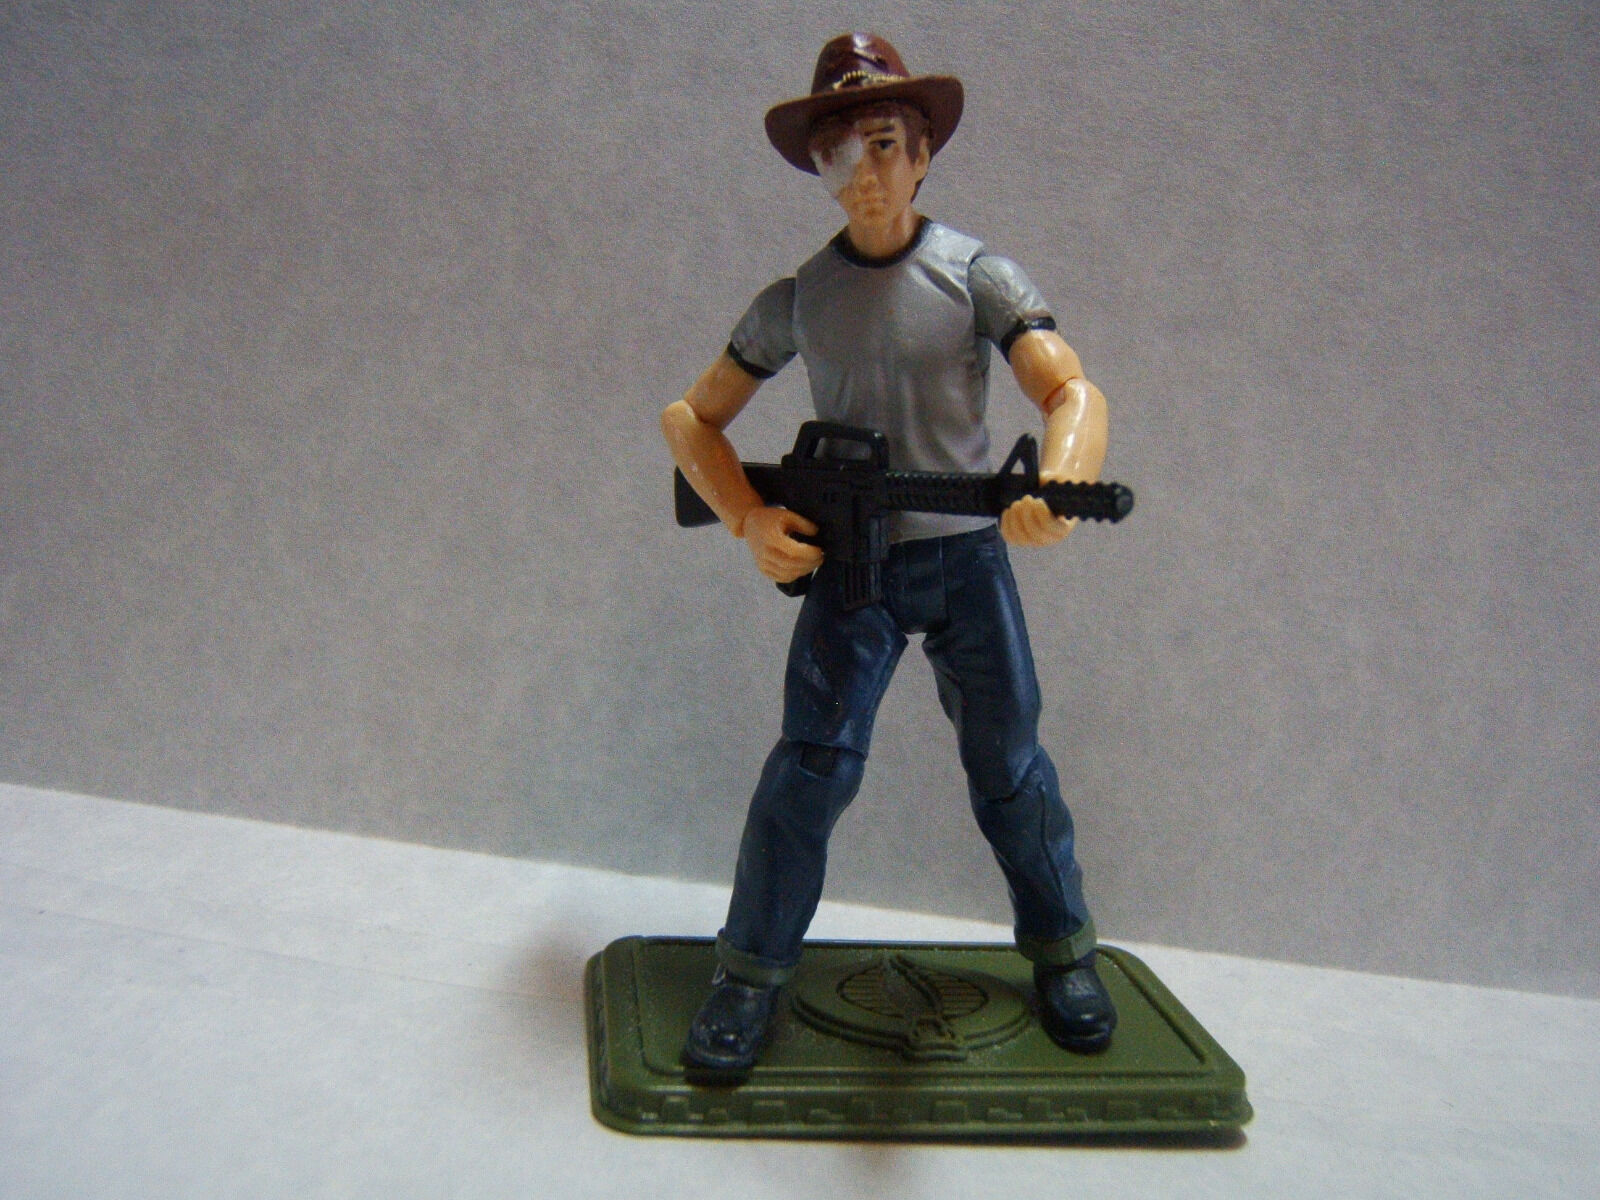 te hará satisfecho Personalizado 3.75  The Walking Dead Dead Dead Figura De Cochel Grimes-Poseable & listo para ir  A la venta con descuento del 70%.